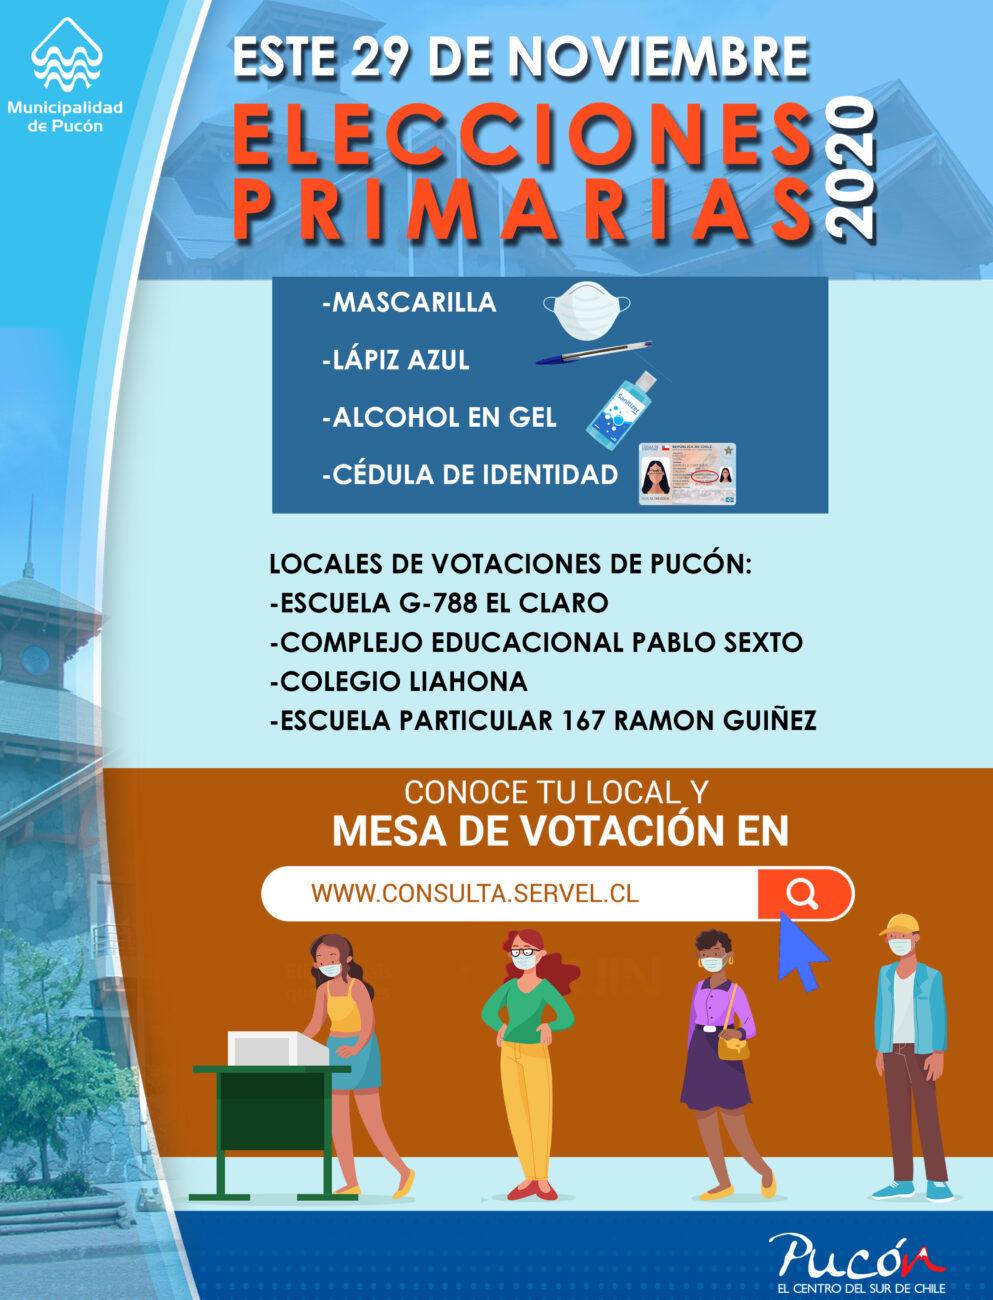 Infórmese sobre cuáles serán los nuevos locales de votación para estas primarias del 29 en Pucón